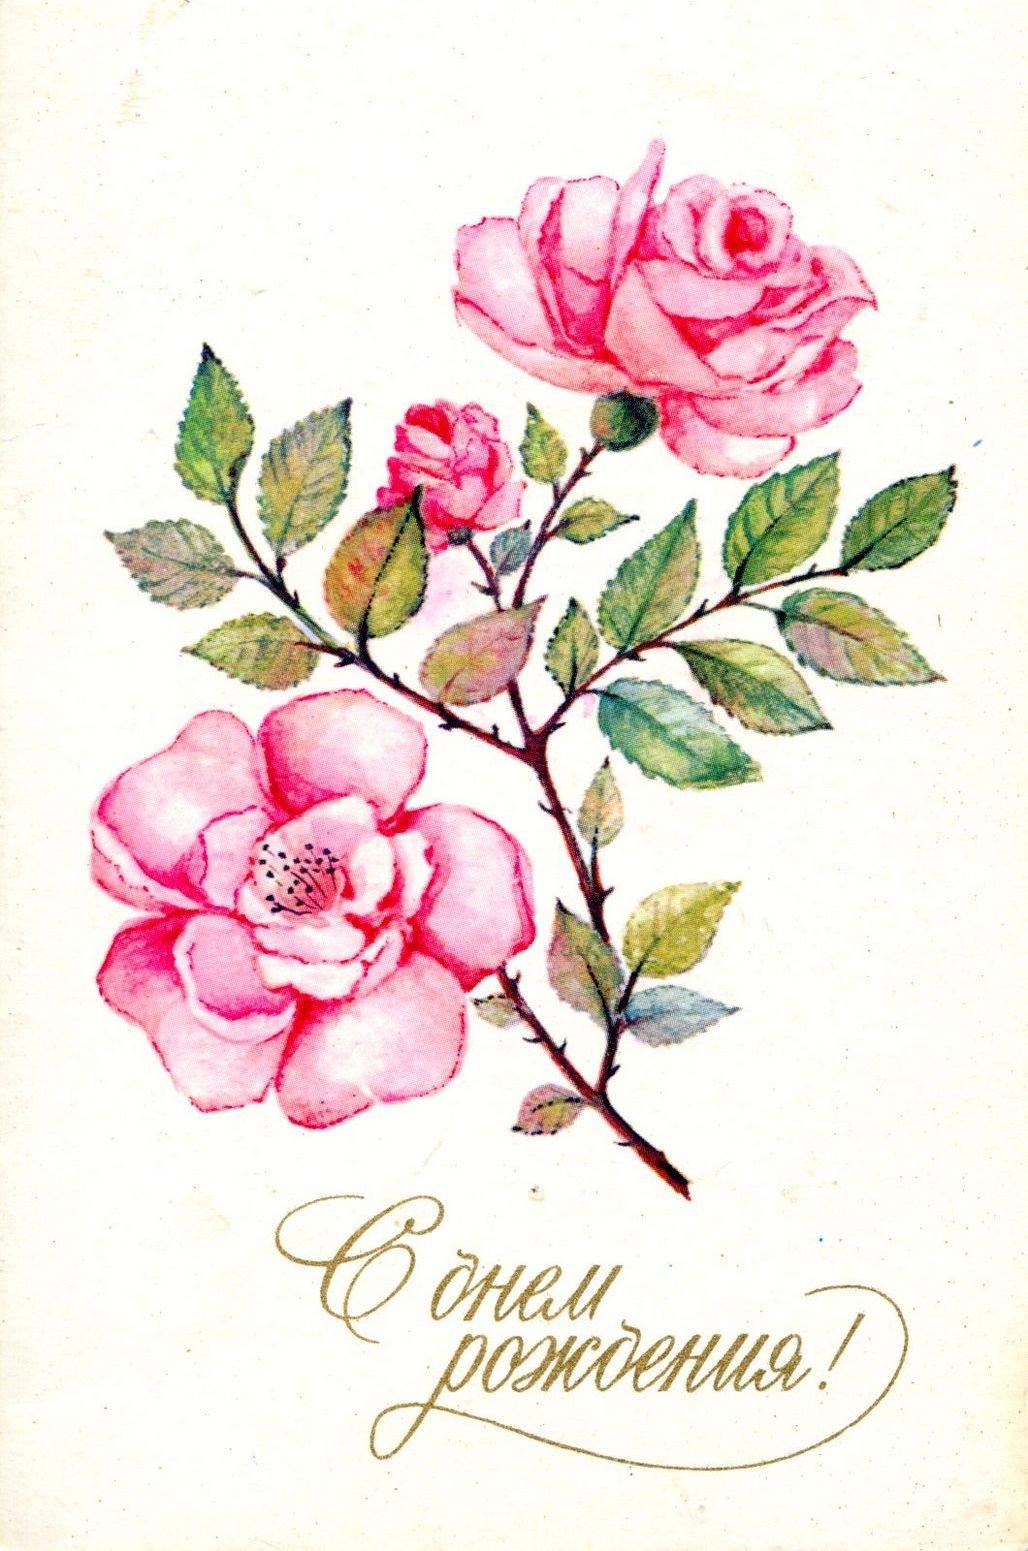 Рисунки для открыток с днем рождения цветы, днем рождения